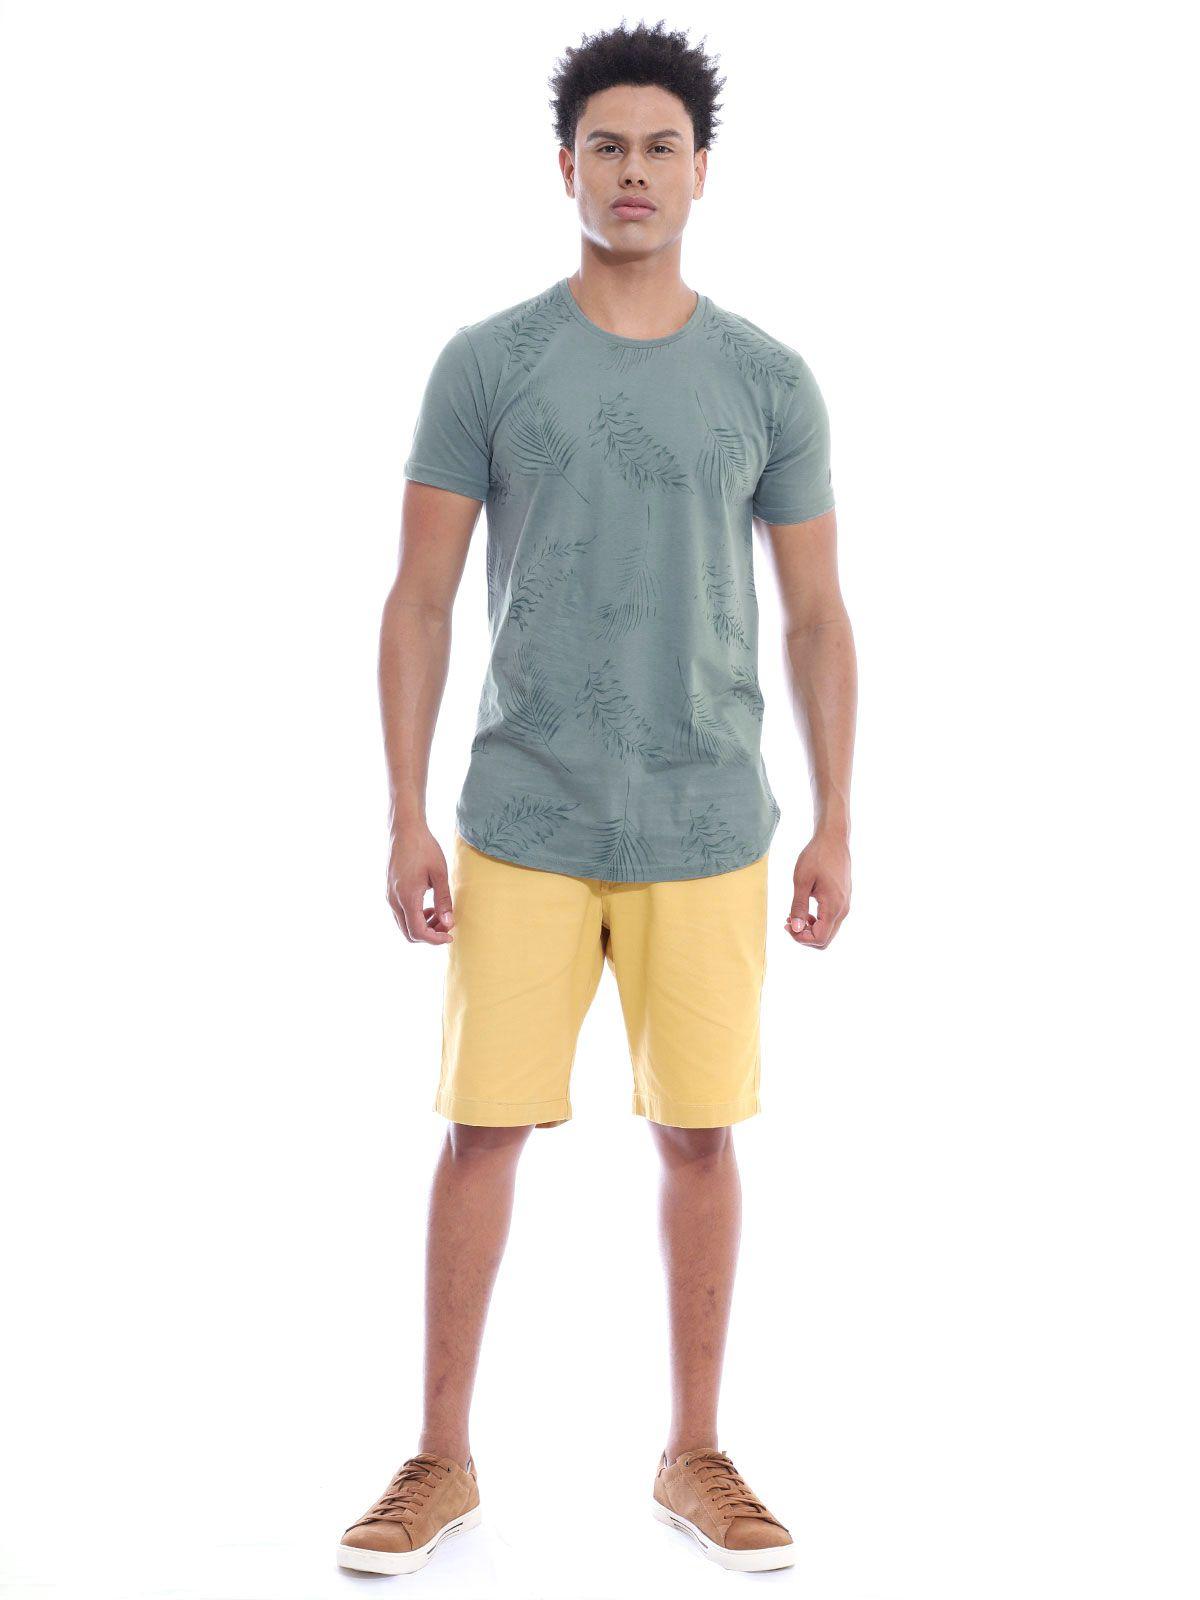 Camiseta Masculina Longline Swag Anistia Leafs Concreto